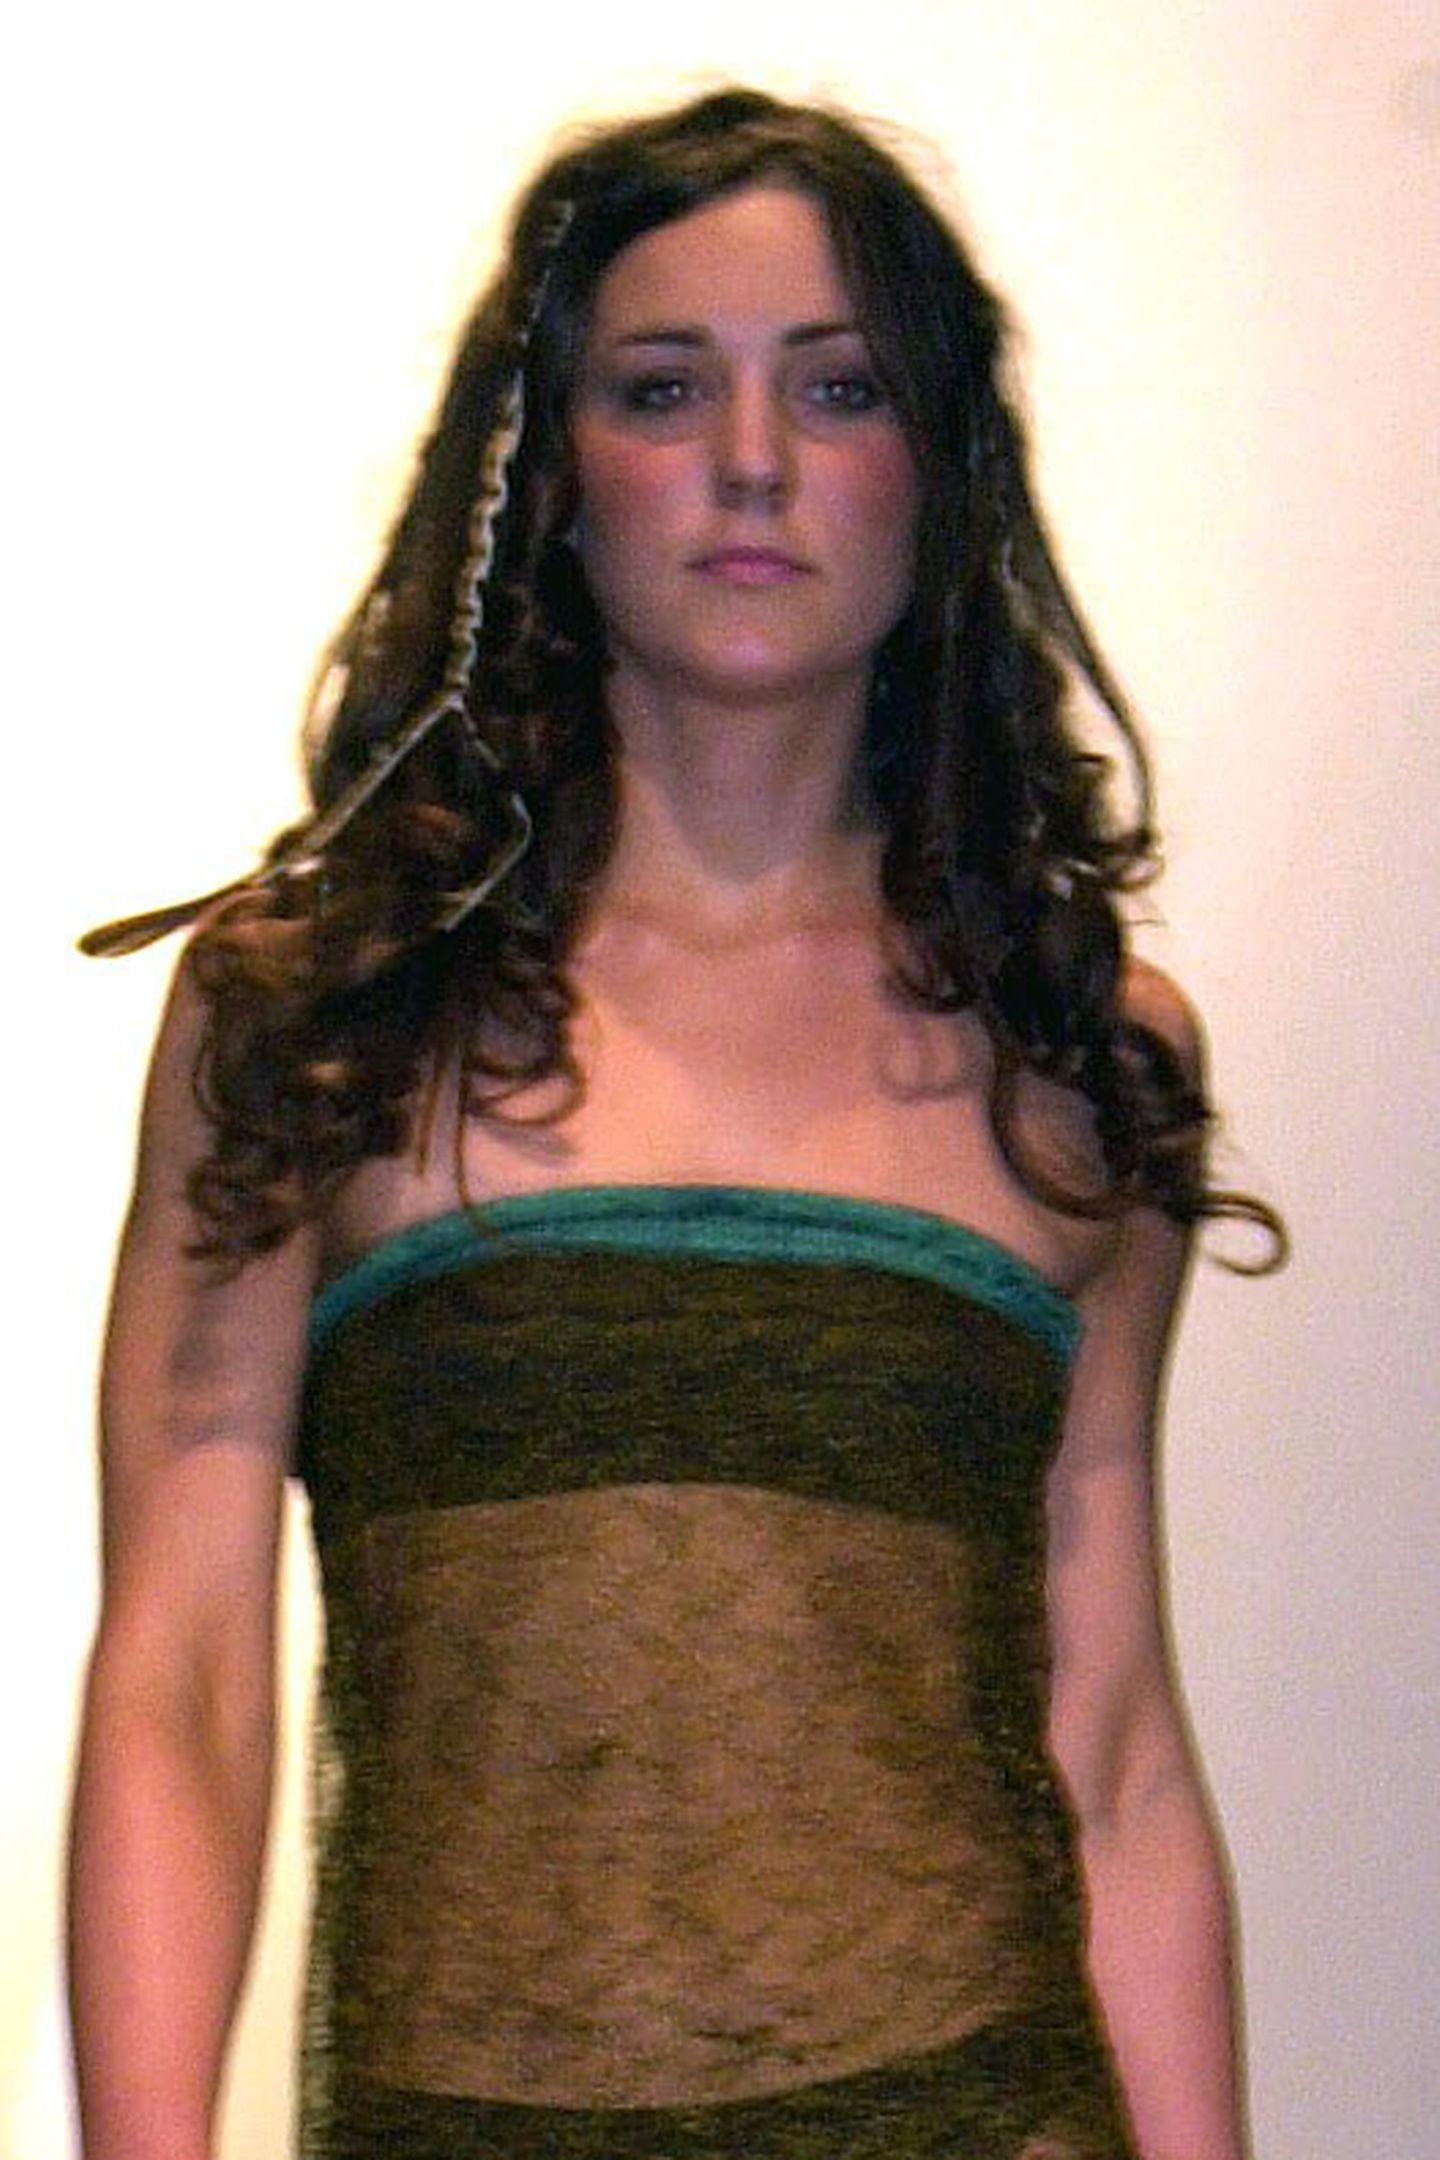 März 2002  Mit zarten 19 Jahren liefKate Middleton im transparenten Bandeau-Kleid über den Laufsteg einer Charity-Fashion-Show in St. Andrews. Angeblich der Moment, in dem es um Prinz William geschehen war.Bei diesem Anblick und ihrem wildlockigen Styling kein Wunder.